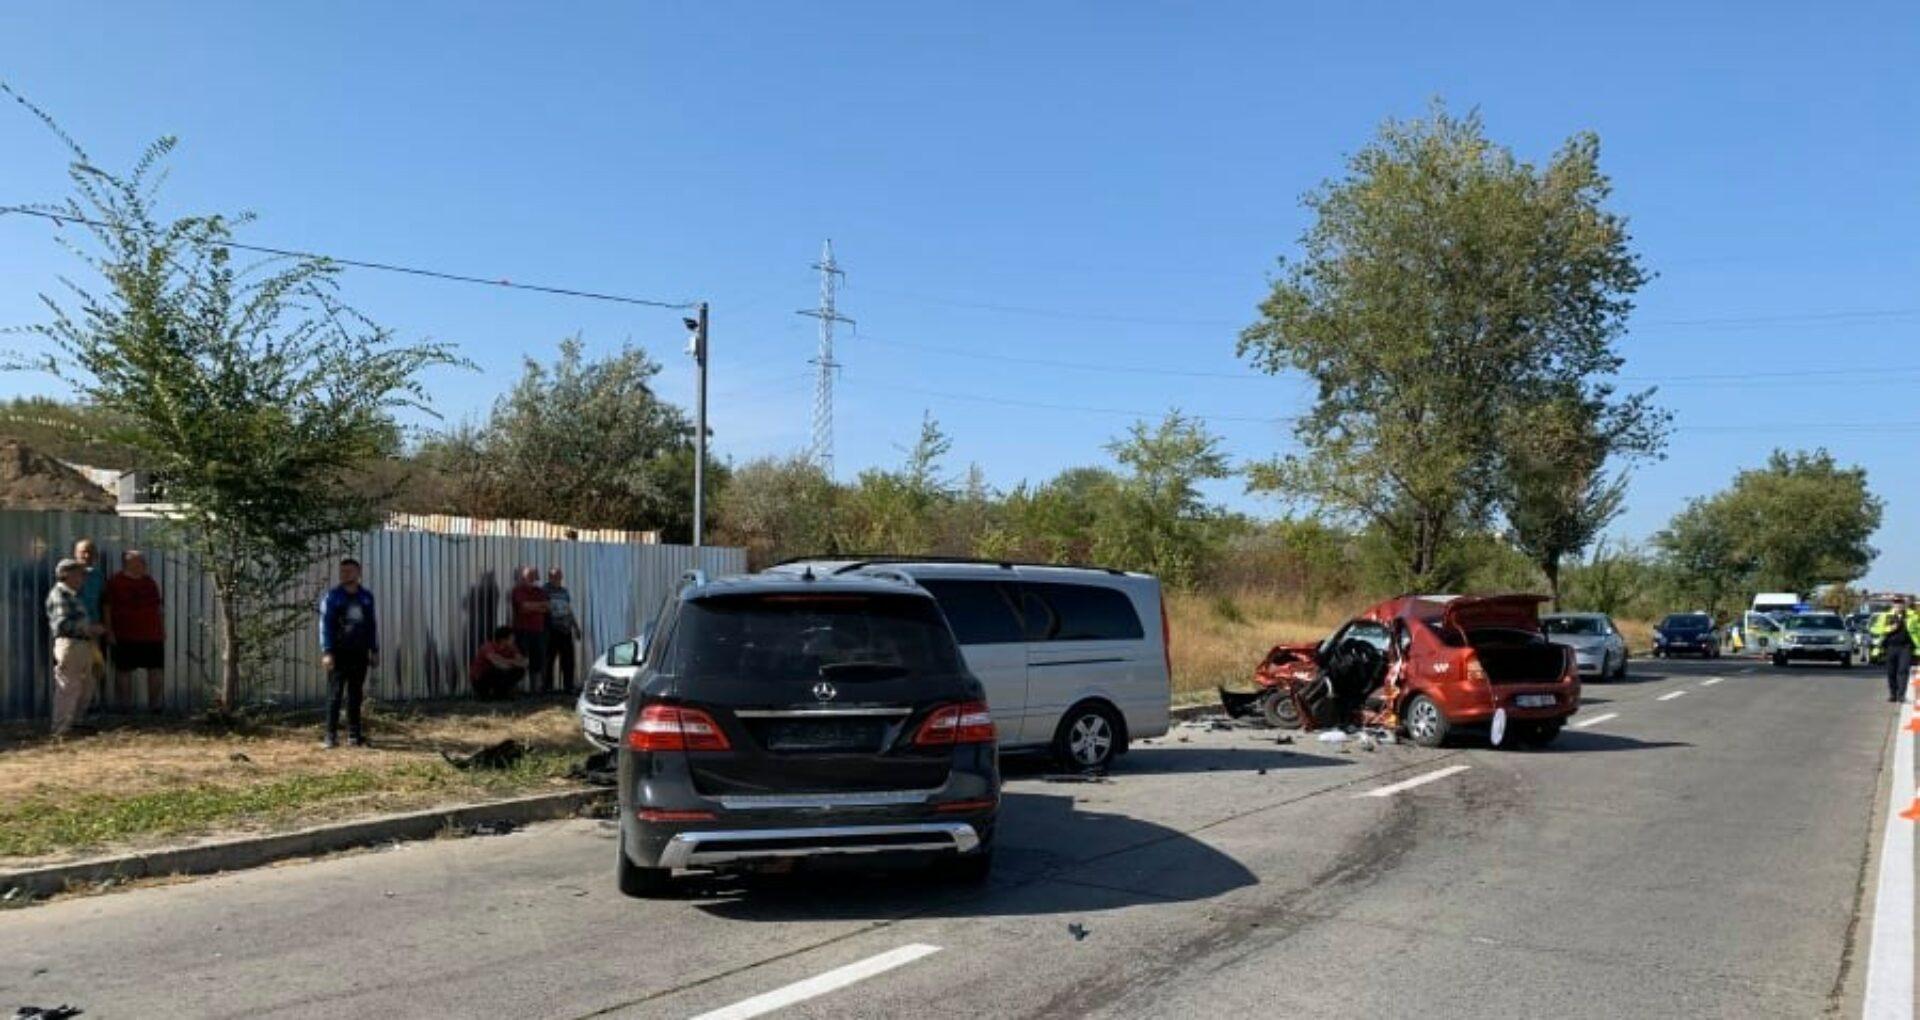 Un șofer a murit, iar doi au ajuns la spital. Poliția oferă primele informații despre accidentul de la Ciocana